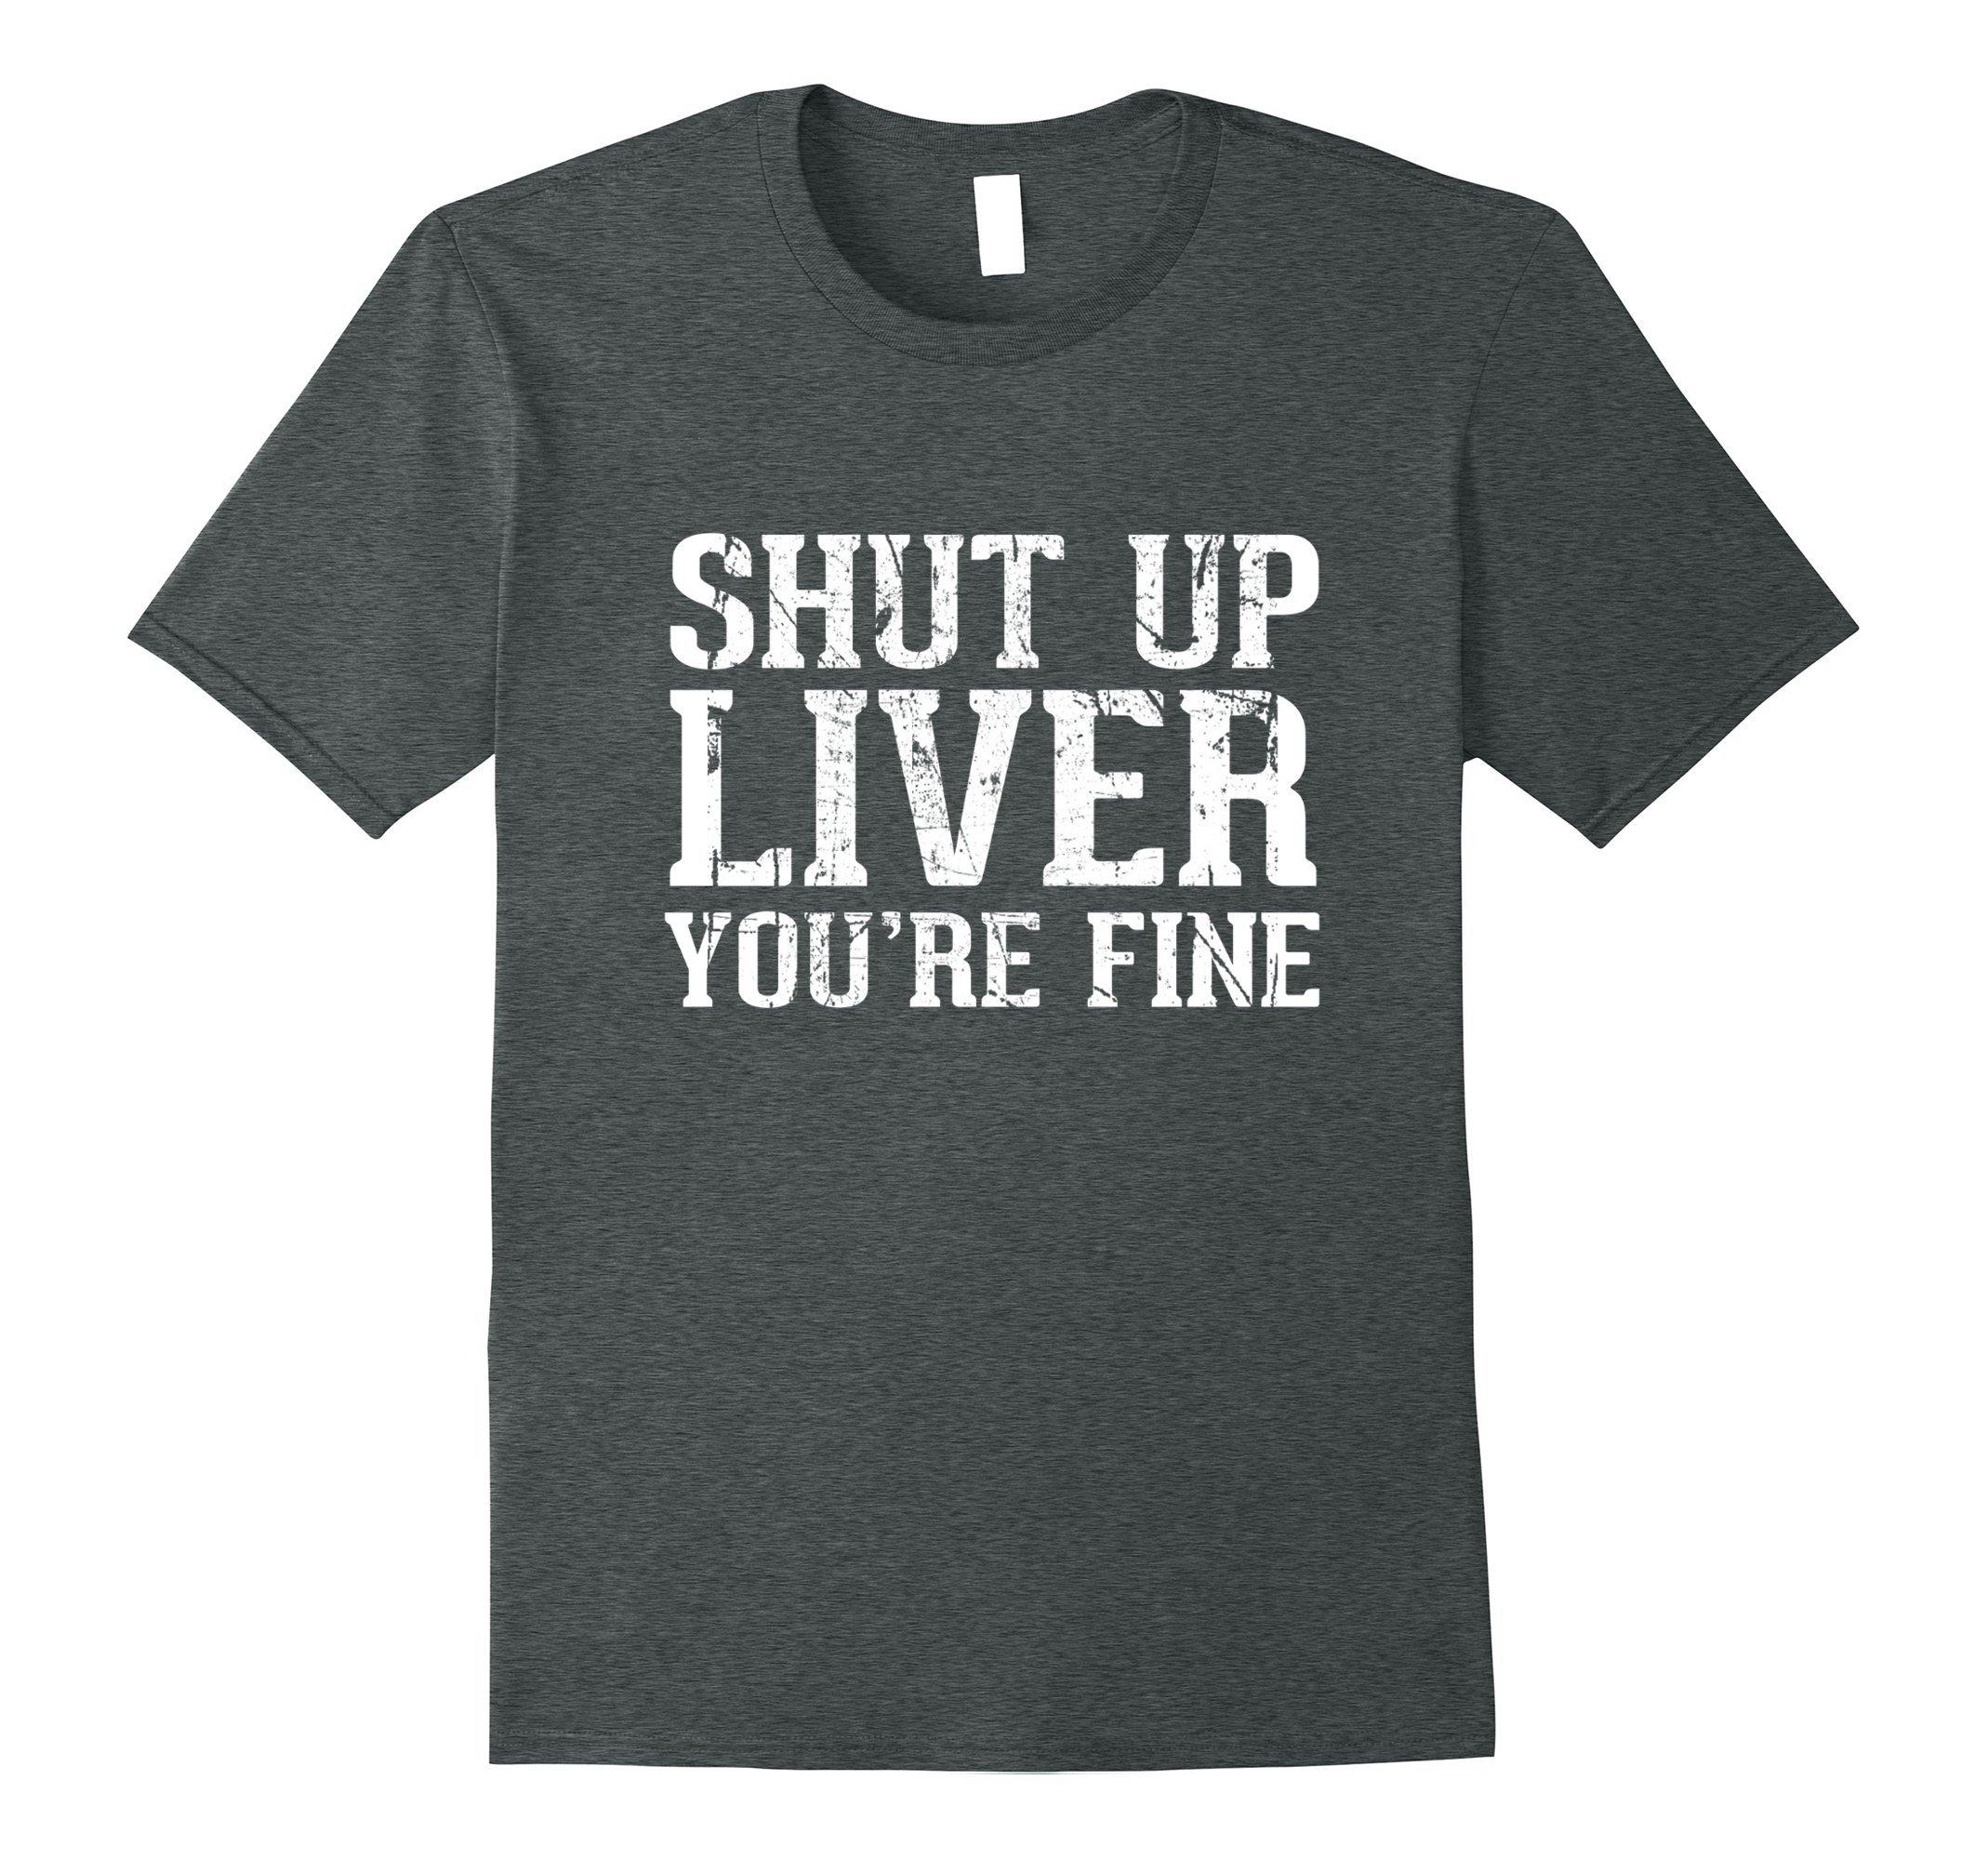 Mens Shut Up Liver You're Fine T-Shirt Retro Vintage Design 2XL Dark Heather